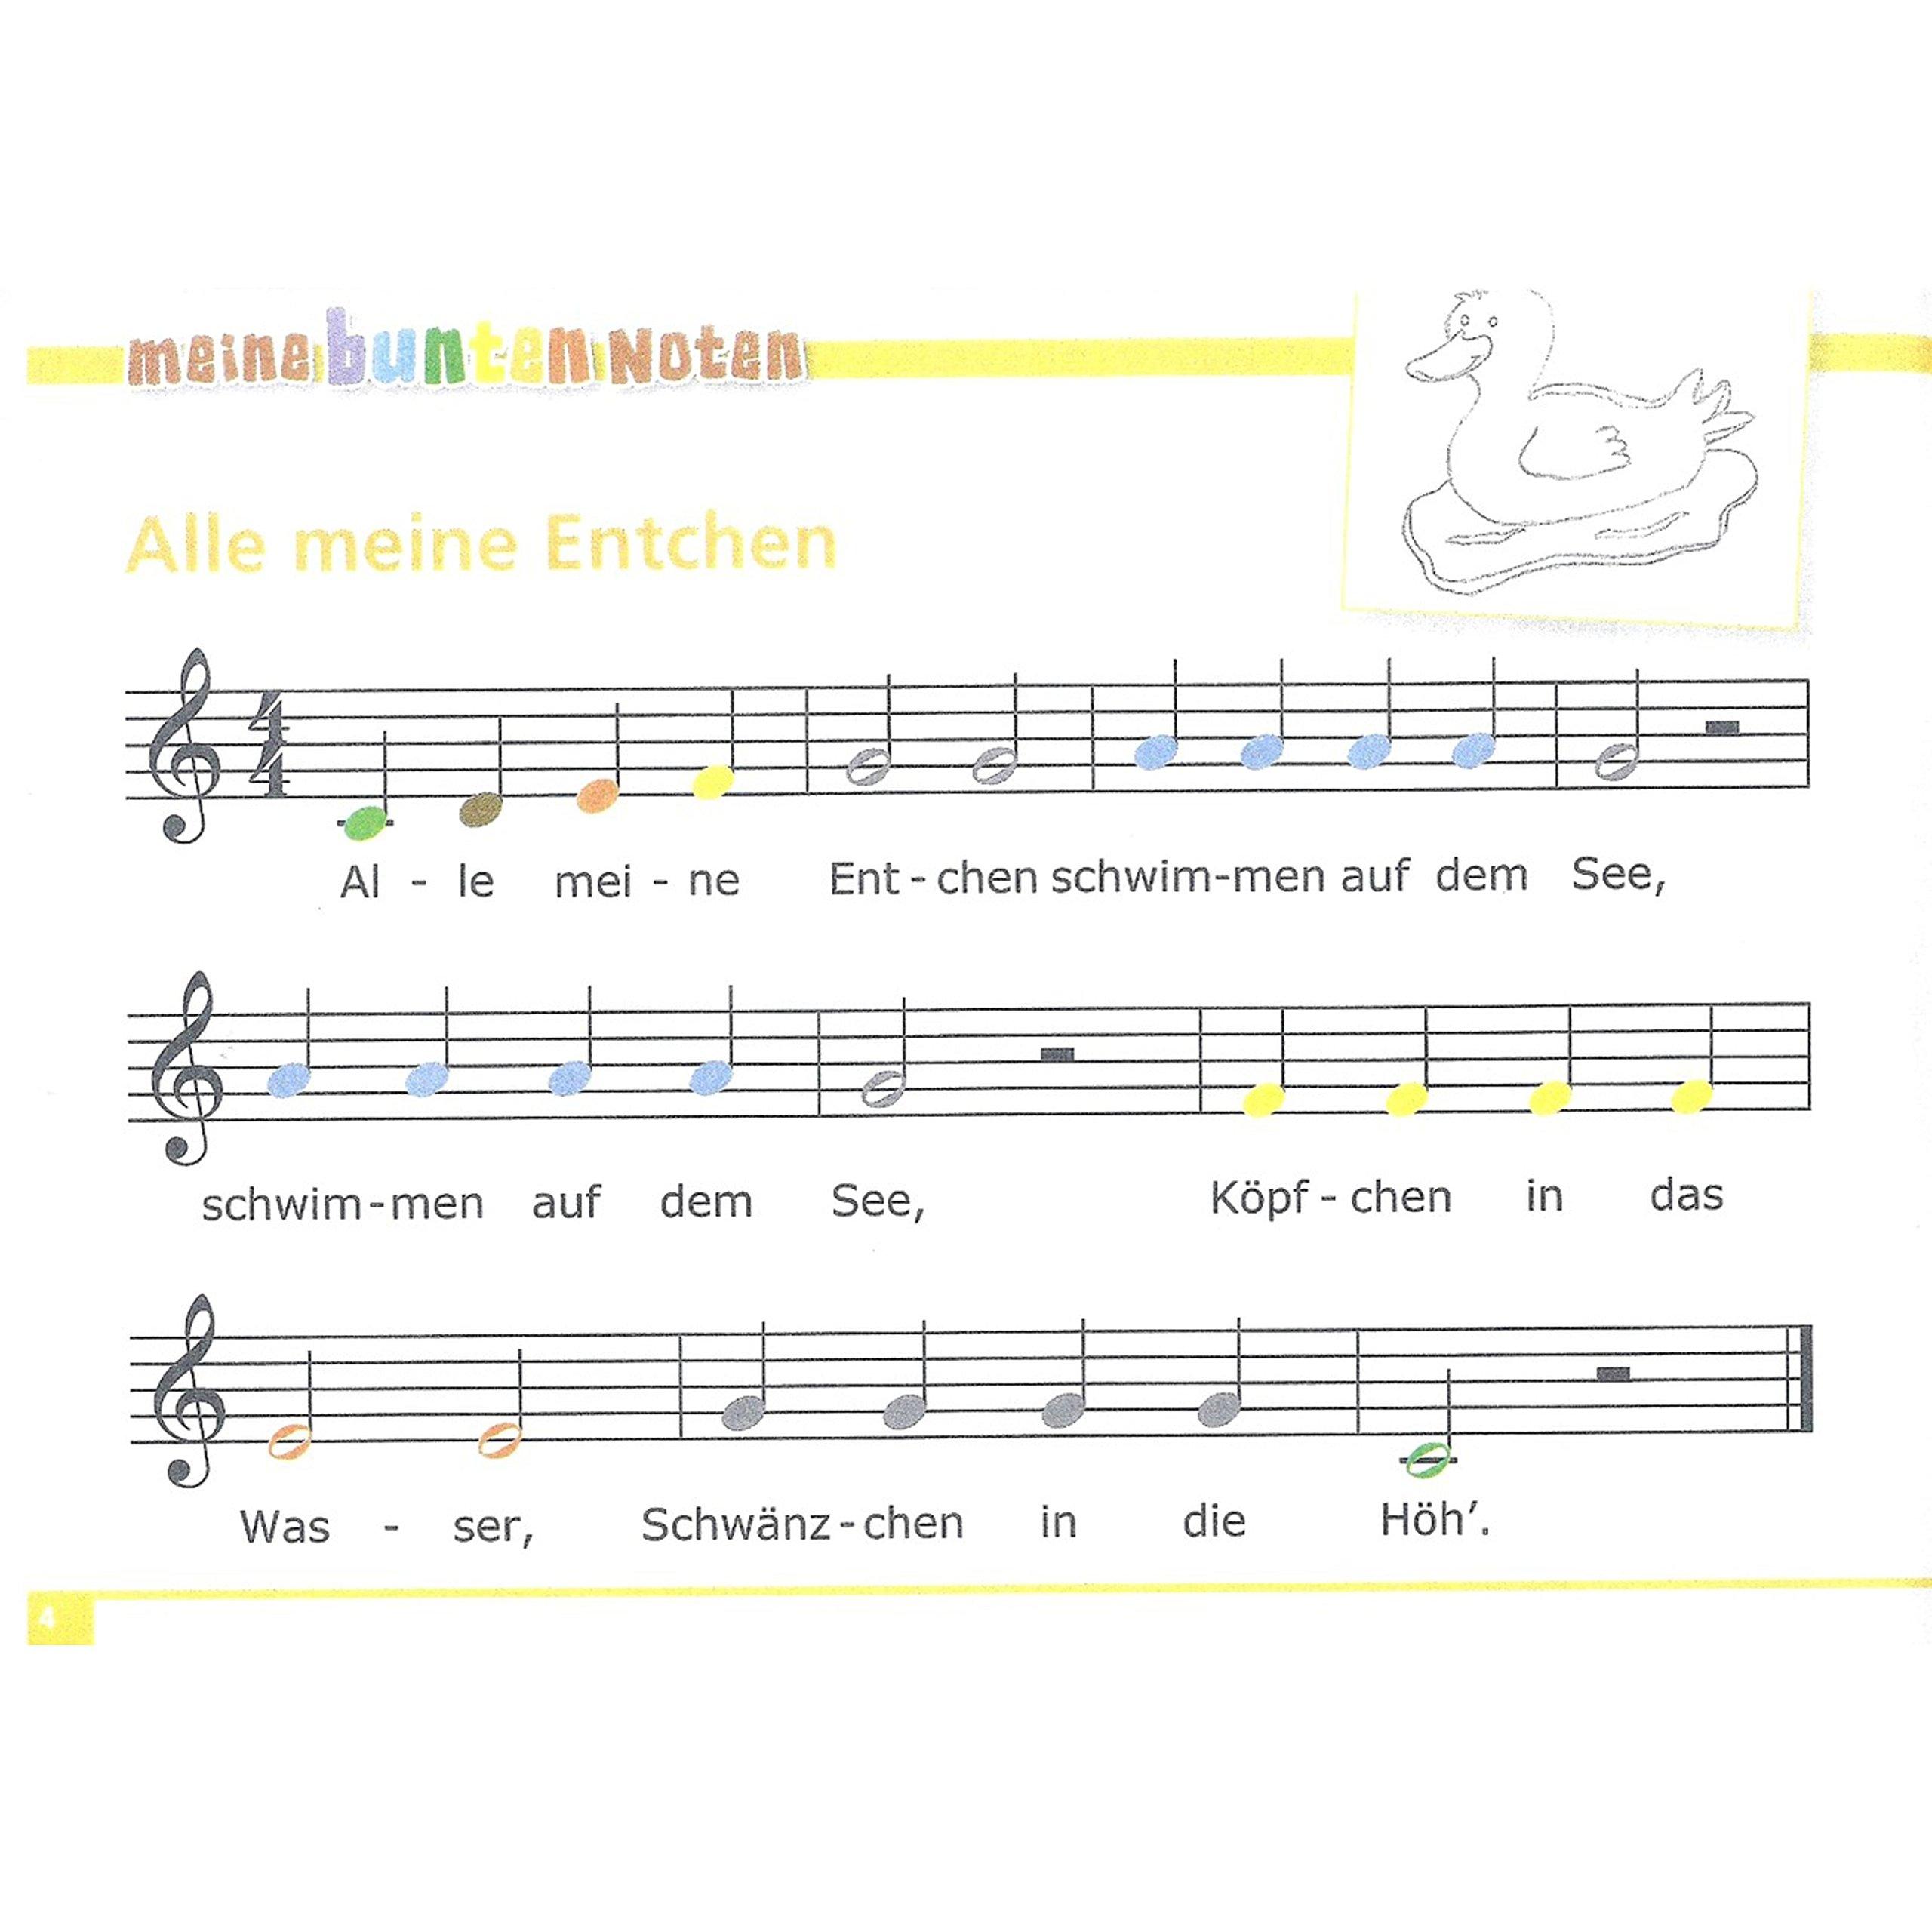 Glockenspiel Weihnachtslieder Noten Kostenlos.Meine Bunten Noten Für Das Glockenspiel Kinderlieder Band 1 Amazon